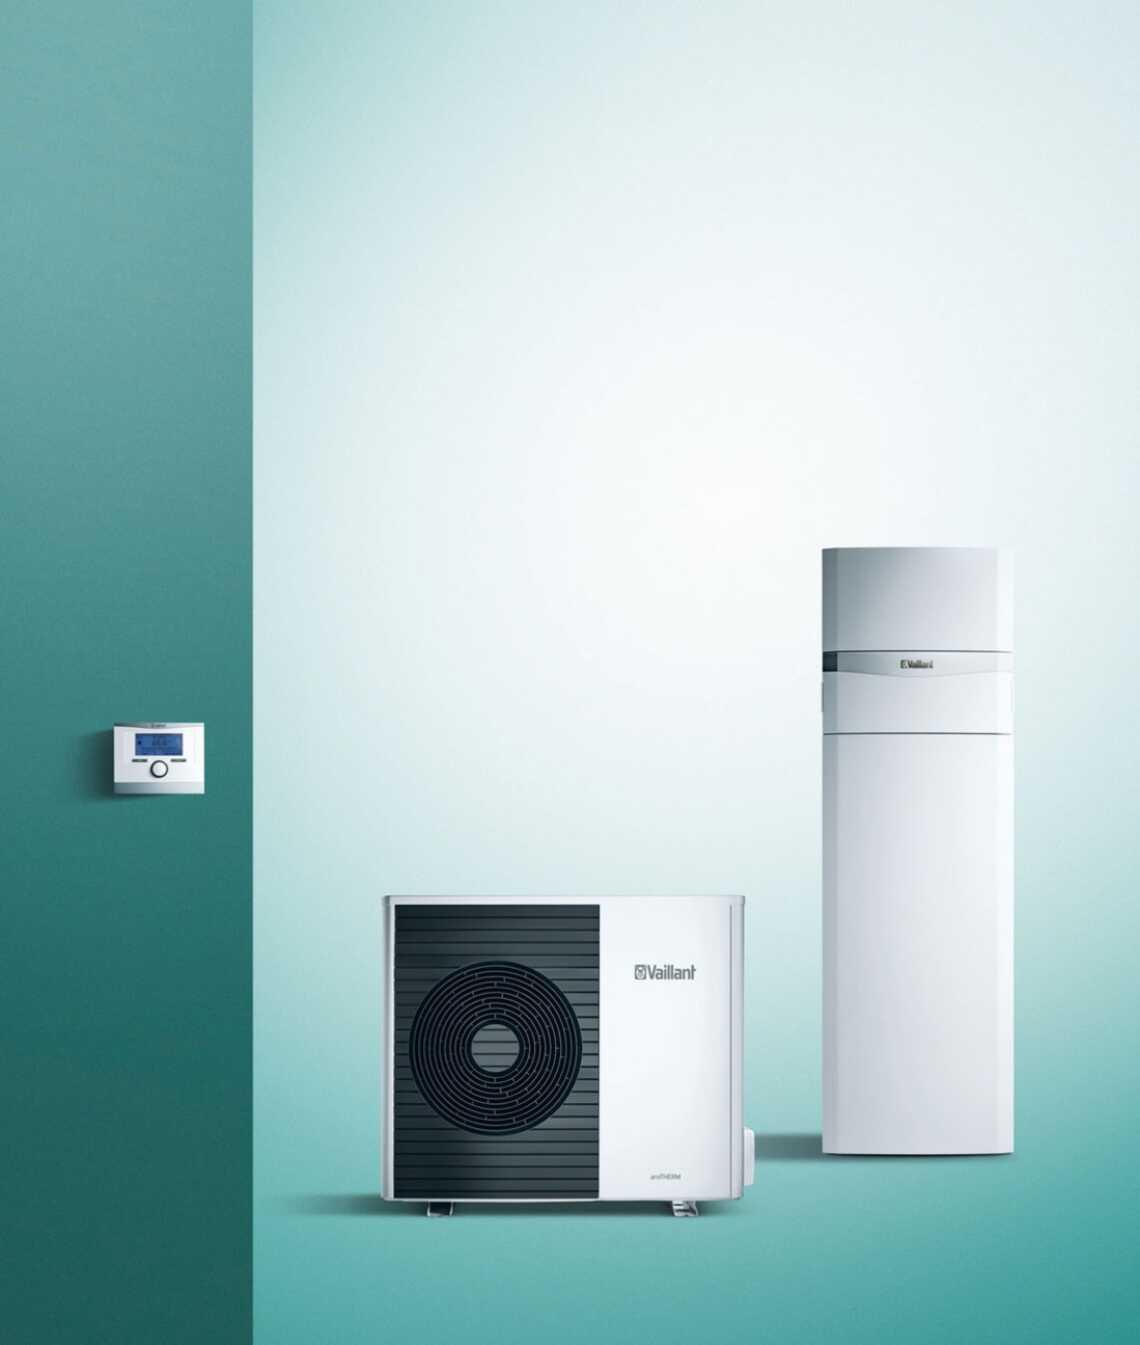 Luft Wasser Warmepumpe Arotherm Split Infos Vaillant